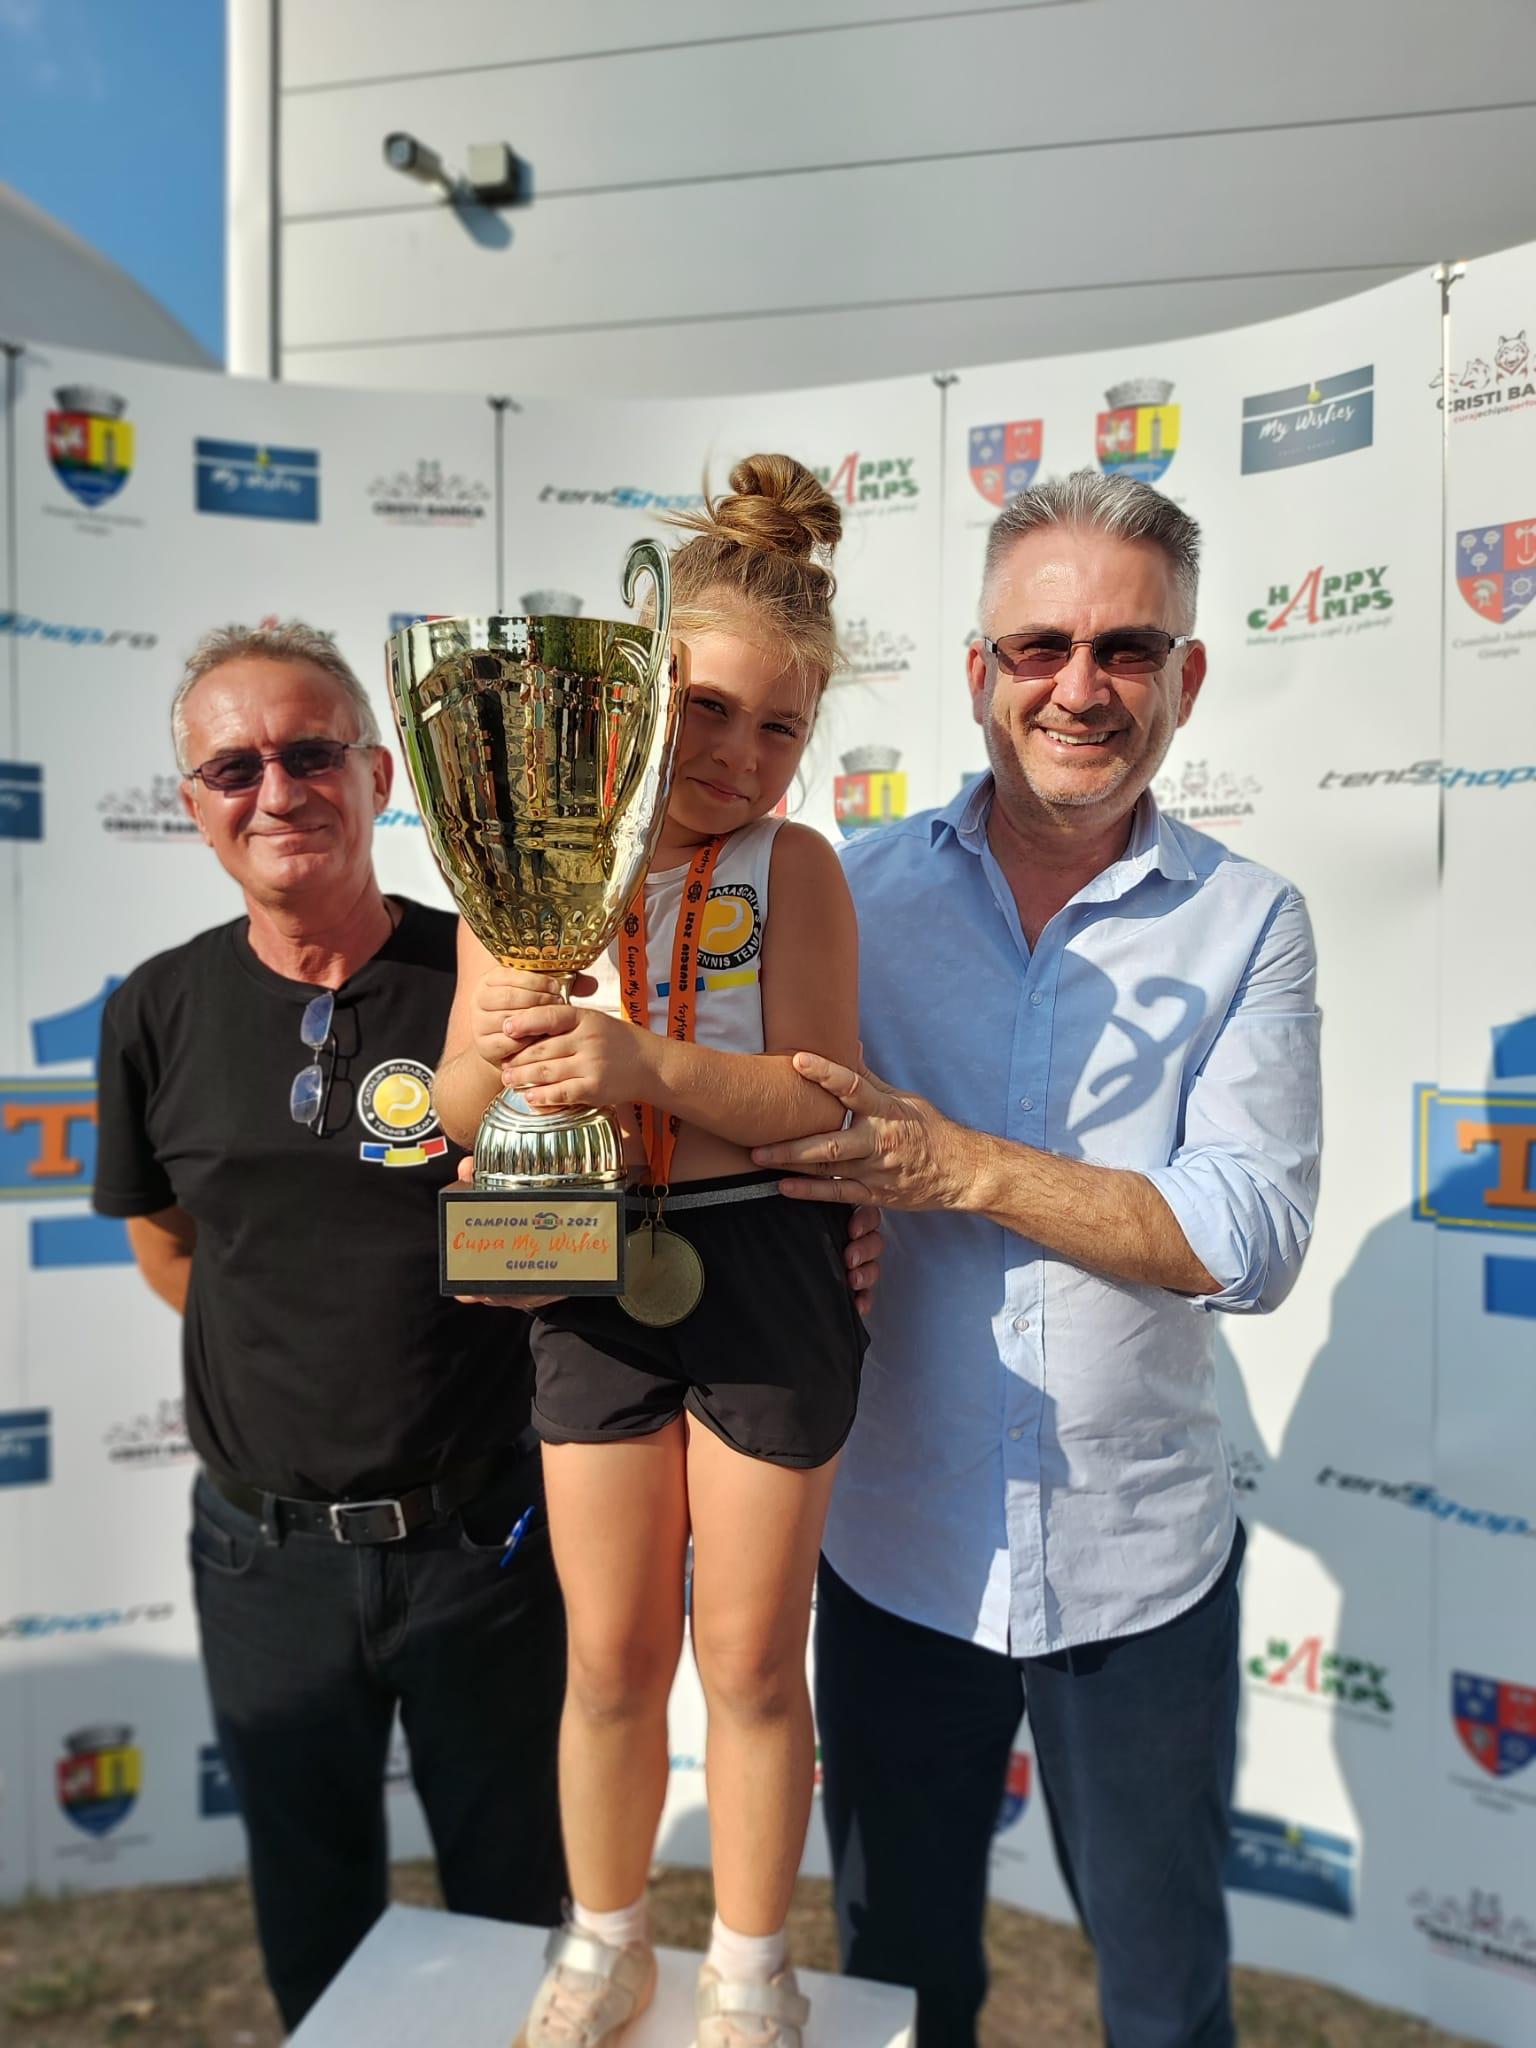 Copiii premiaţi la competiţia sportivă Cupa My Wishes Giurgiu